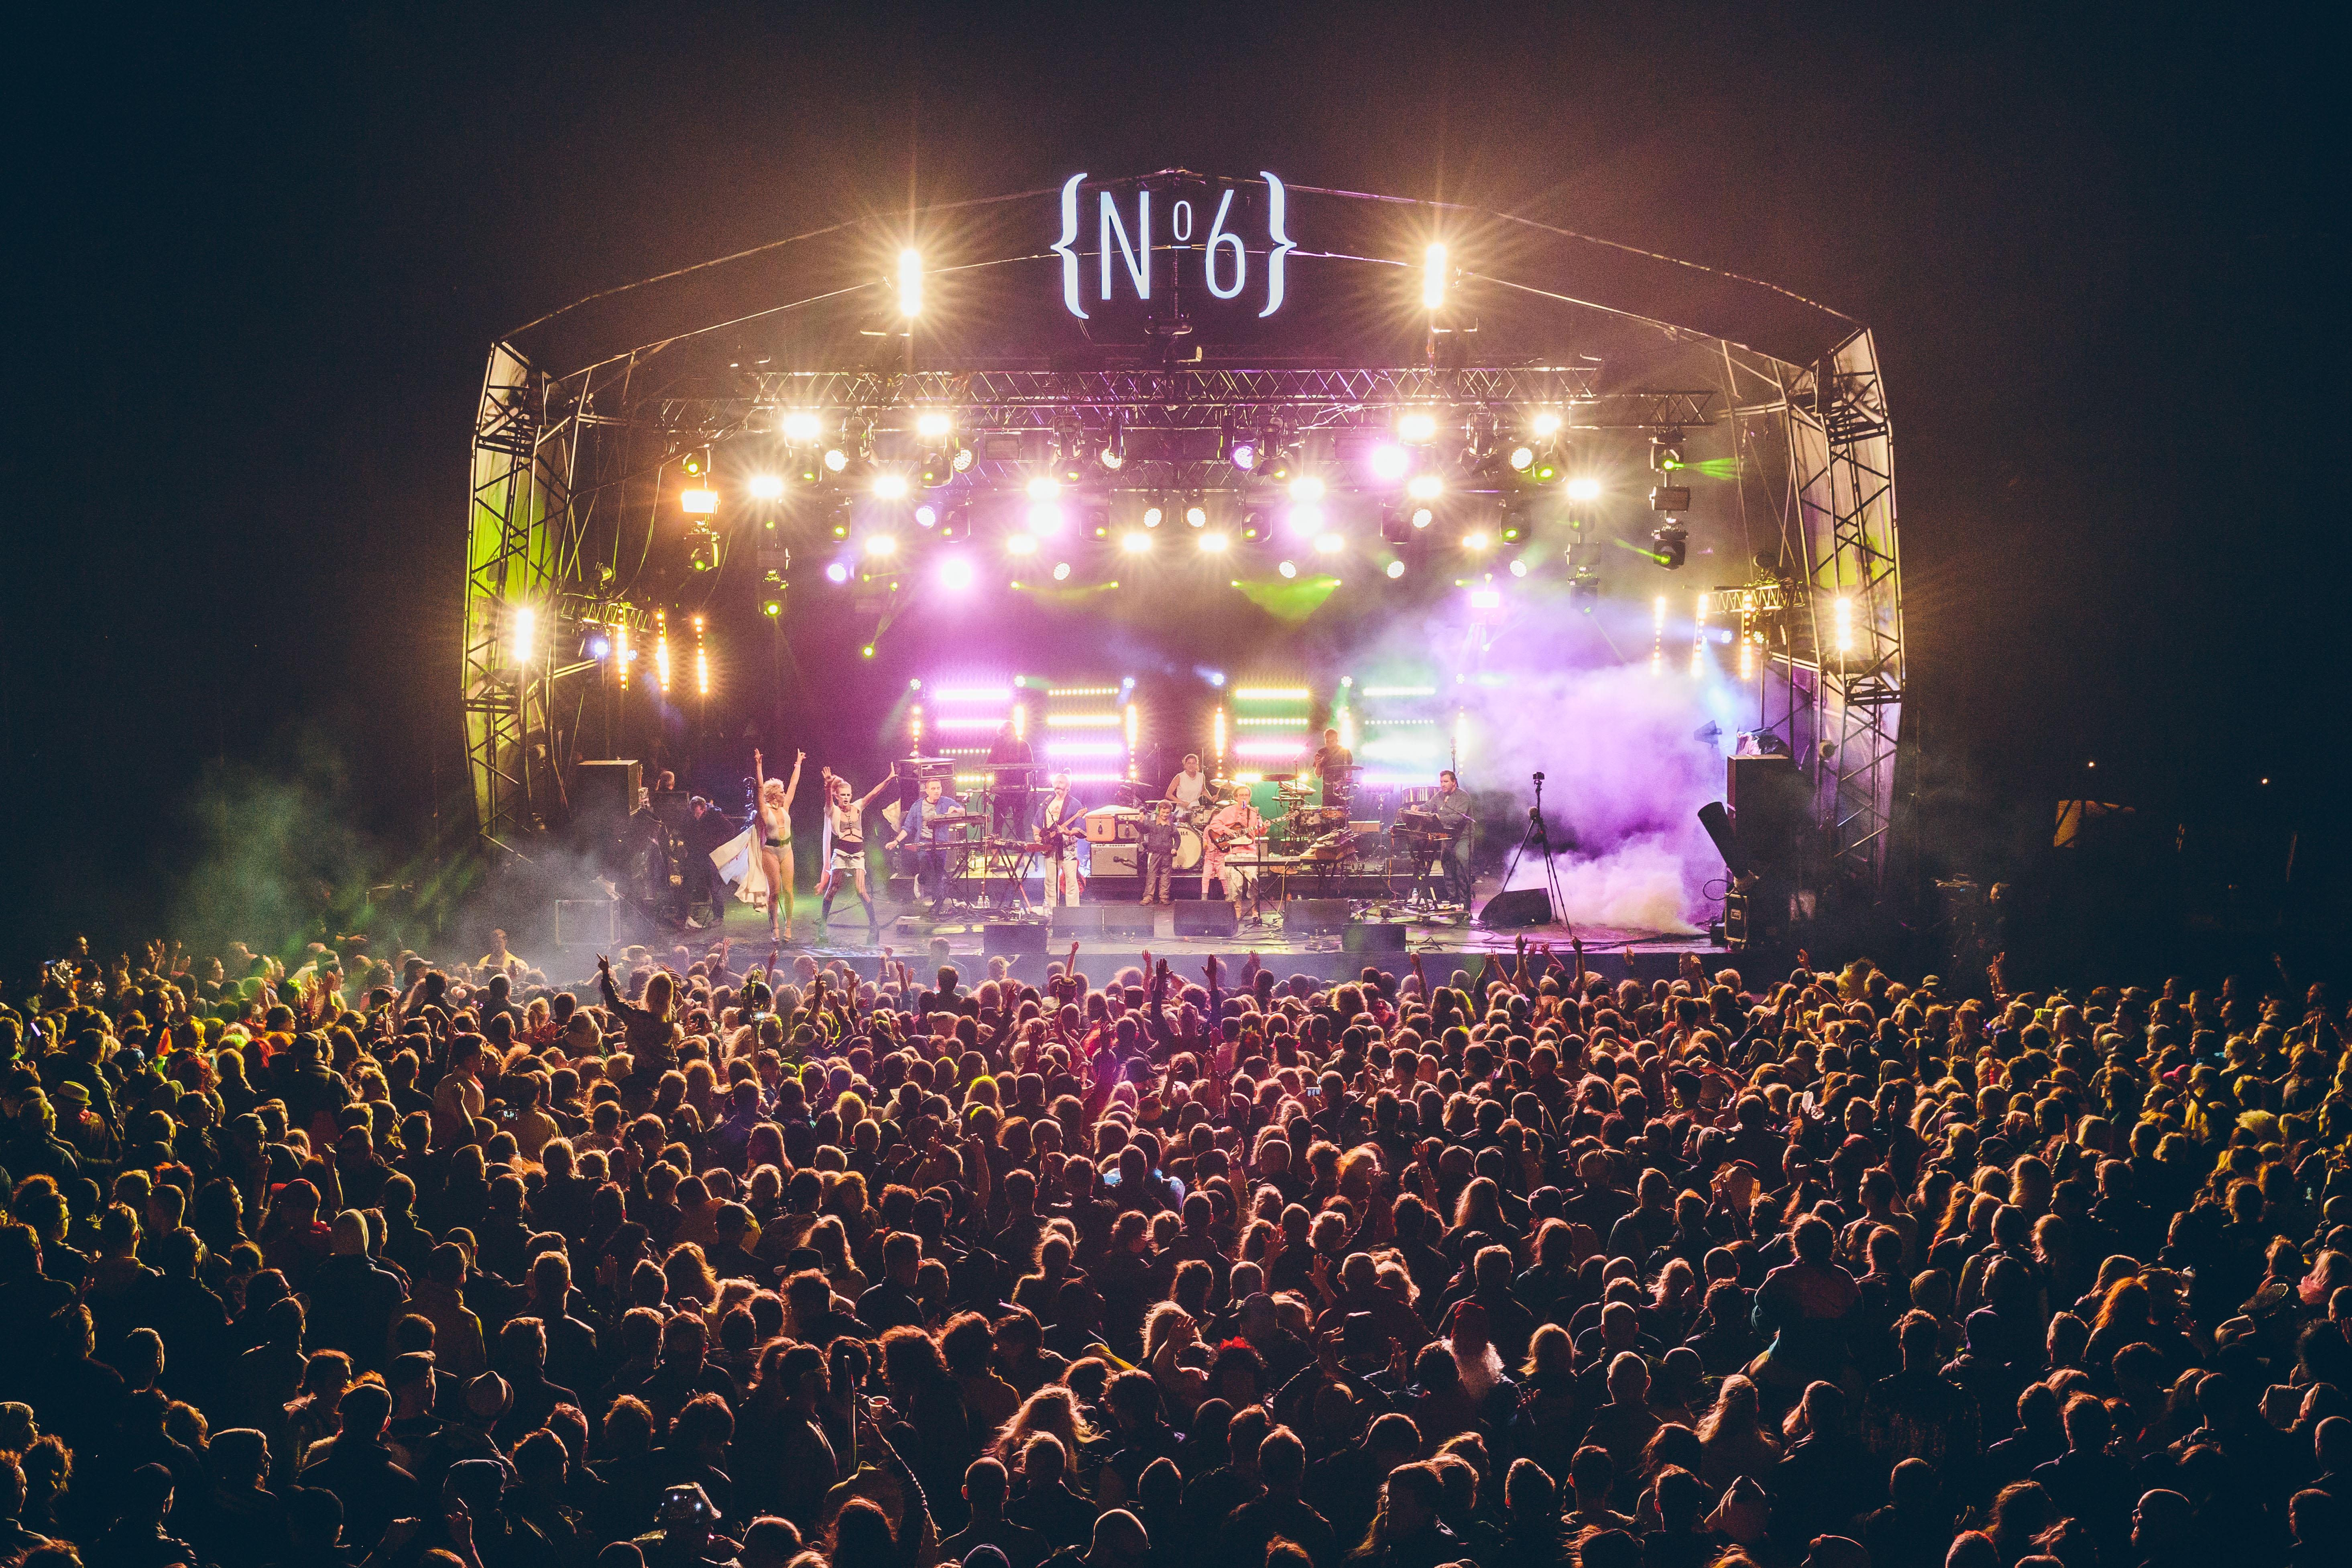 Festival No. 6